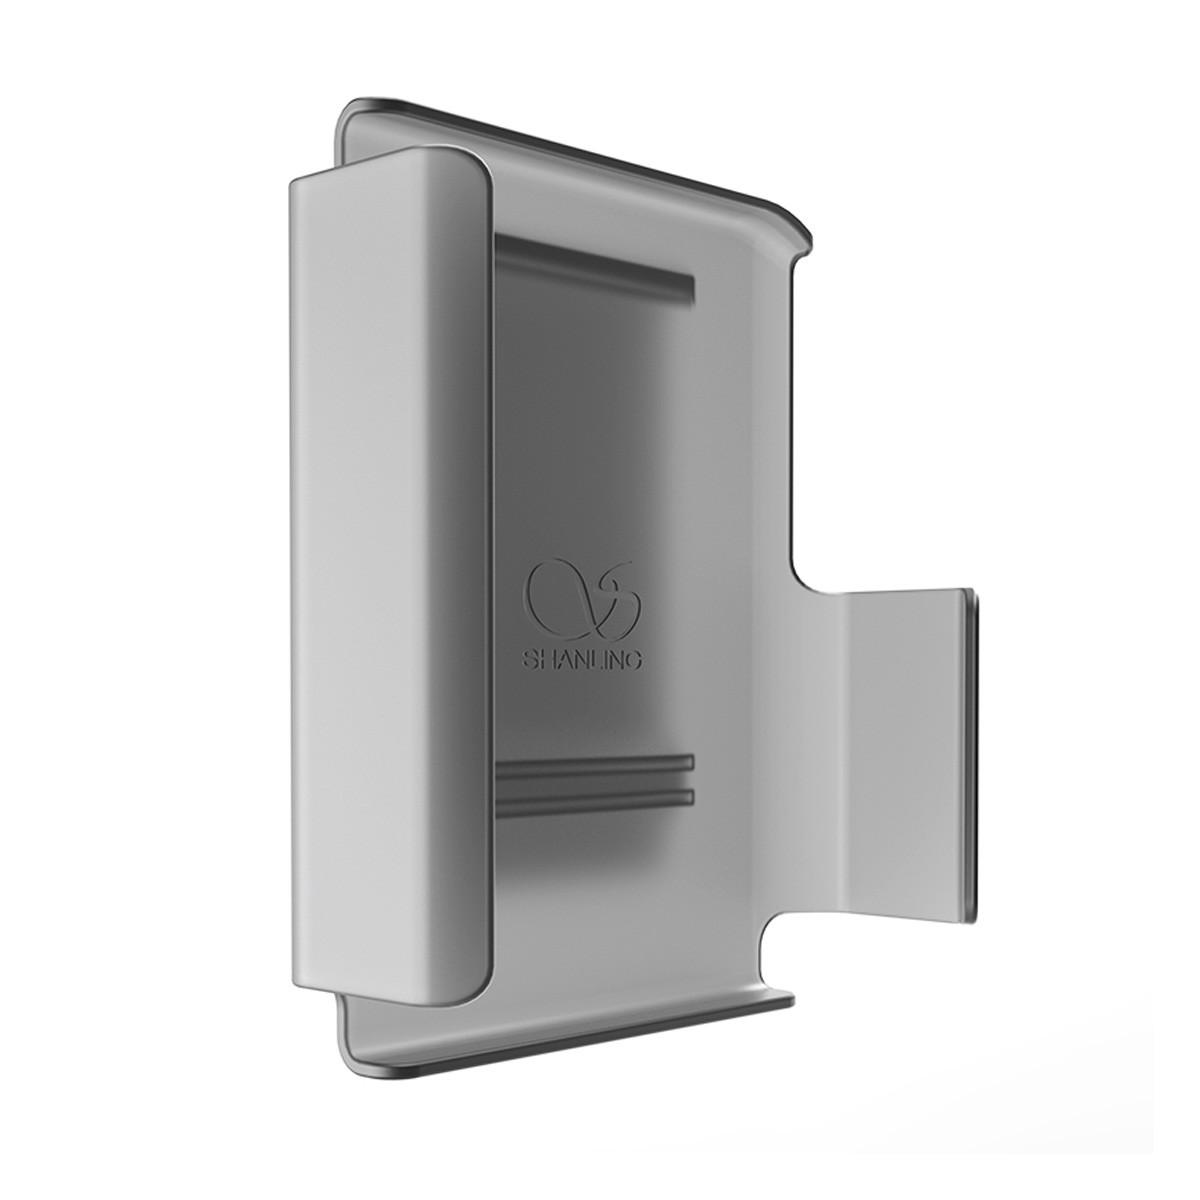 SHANLING Coque de Protection et Clip Ceinture Polymère TR90 Transparent pour DAP Shanling M0